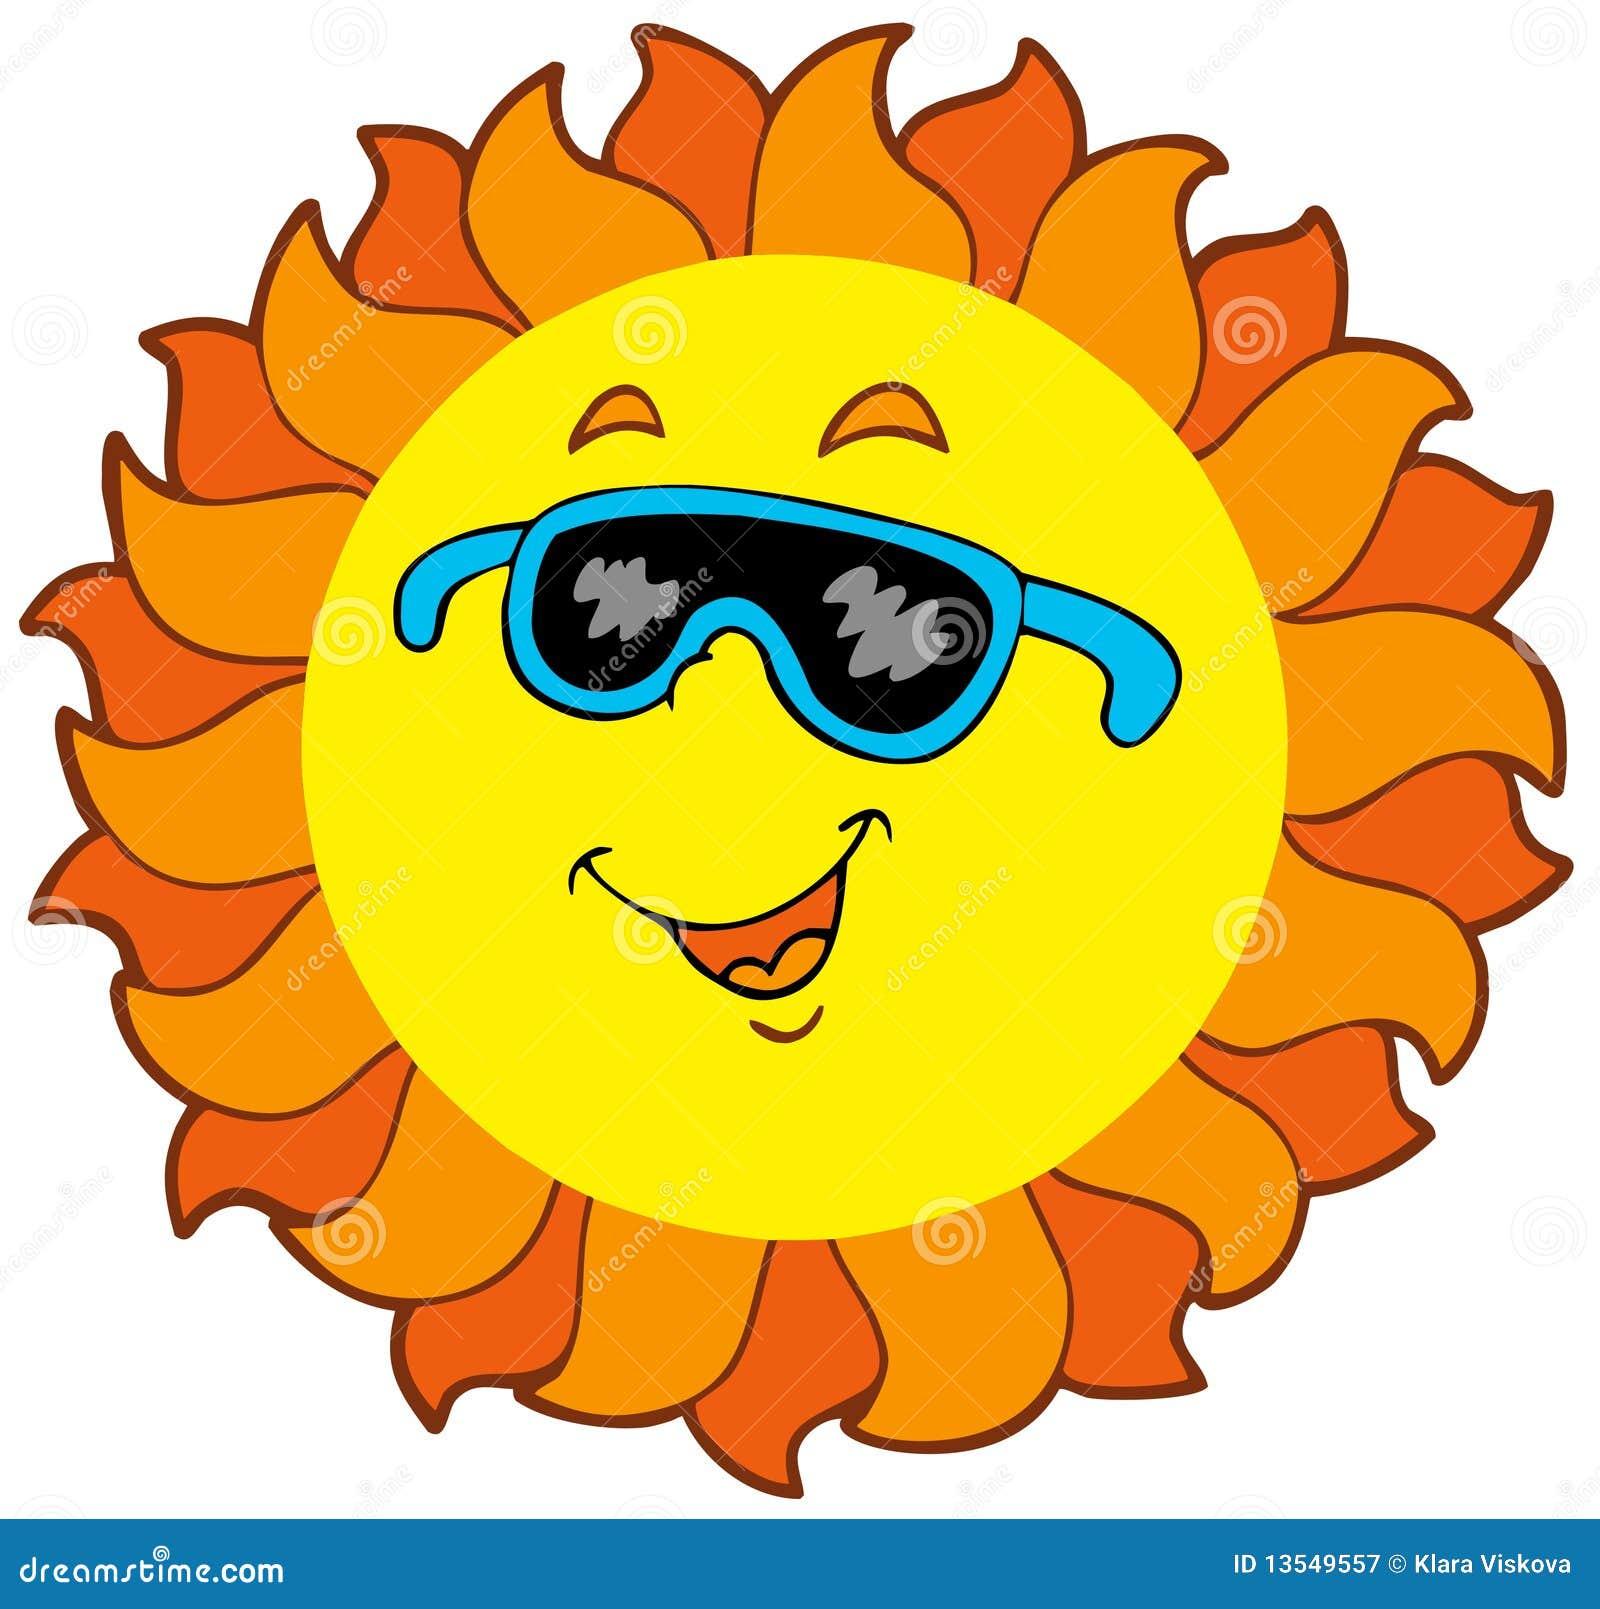 Happy Cartoon Sun Royalty Free Stock Photography